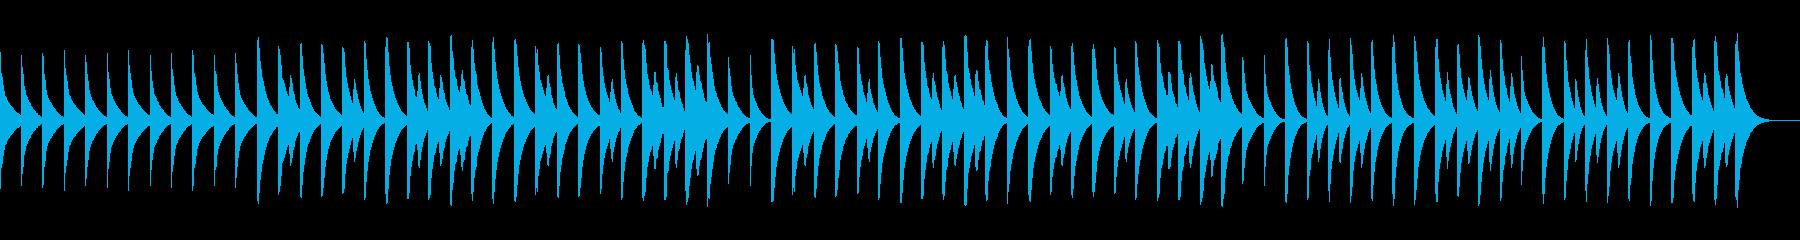 ピタゴラスイッチ風、三拍子の木琴BGMの再生済みの波形